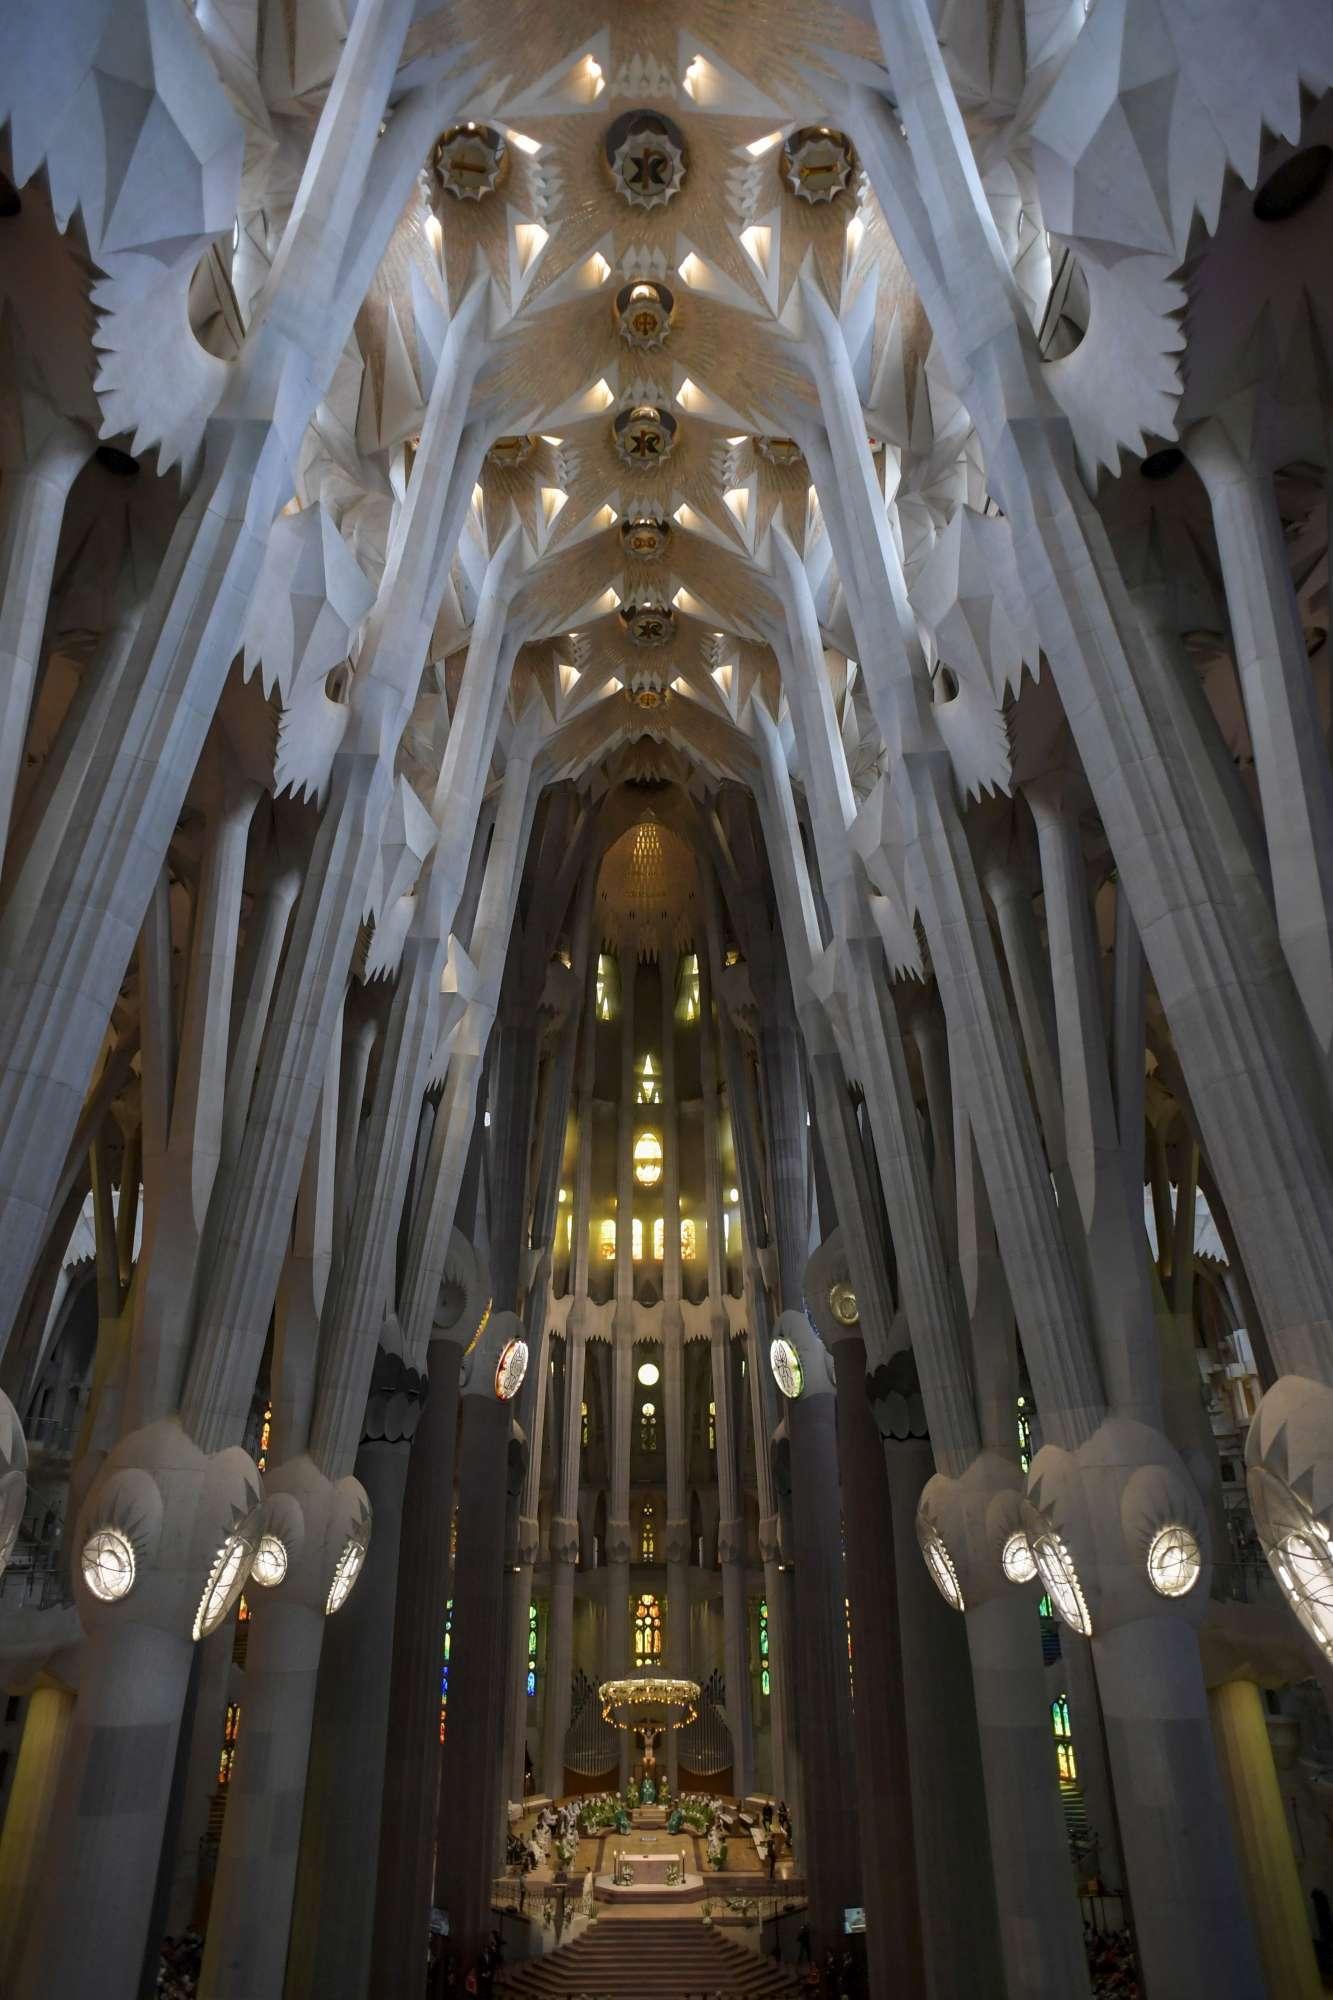 Attacco Barcellona, messa in ricordo vittime alla Sagrada Familia